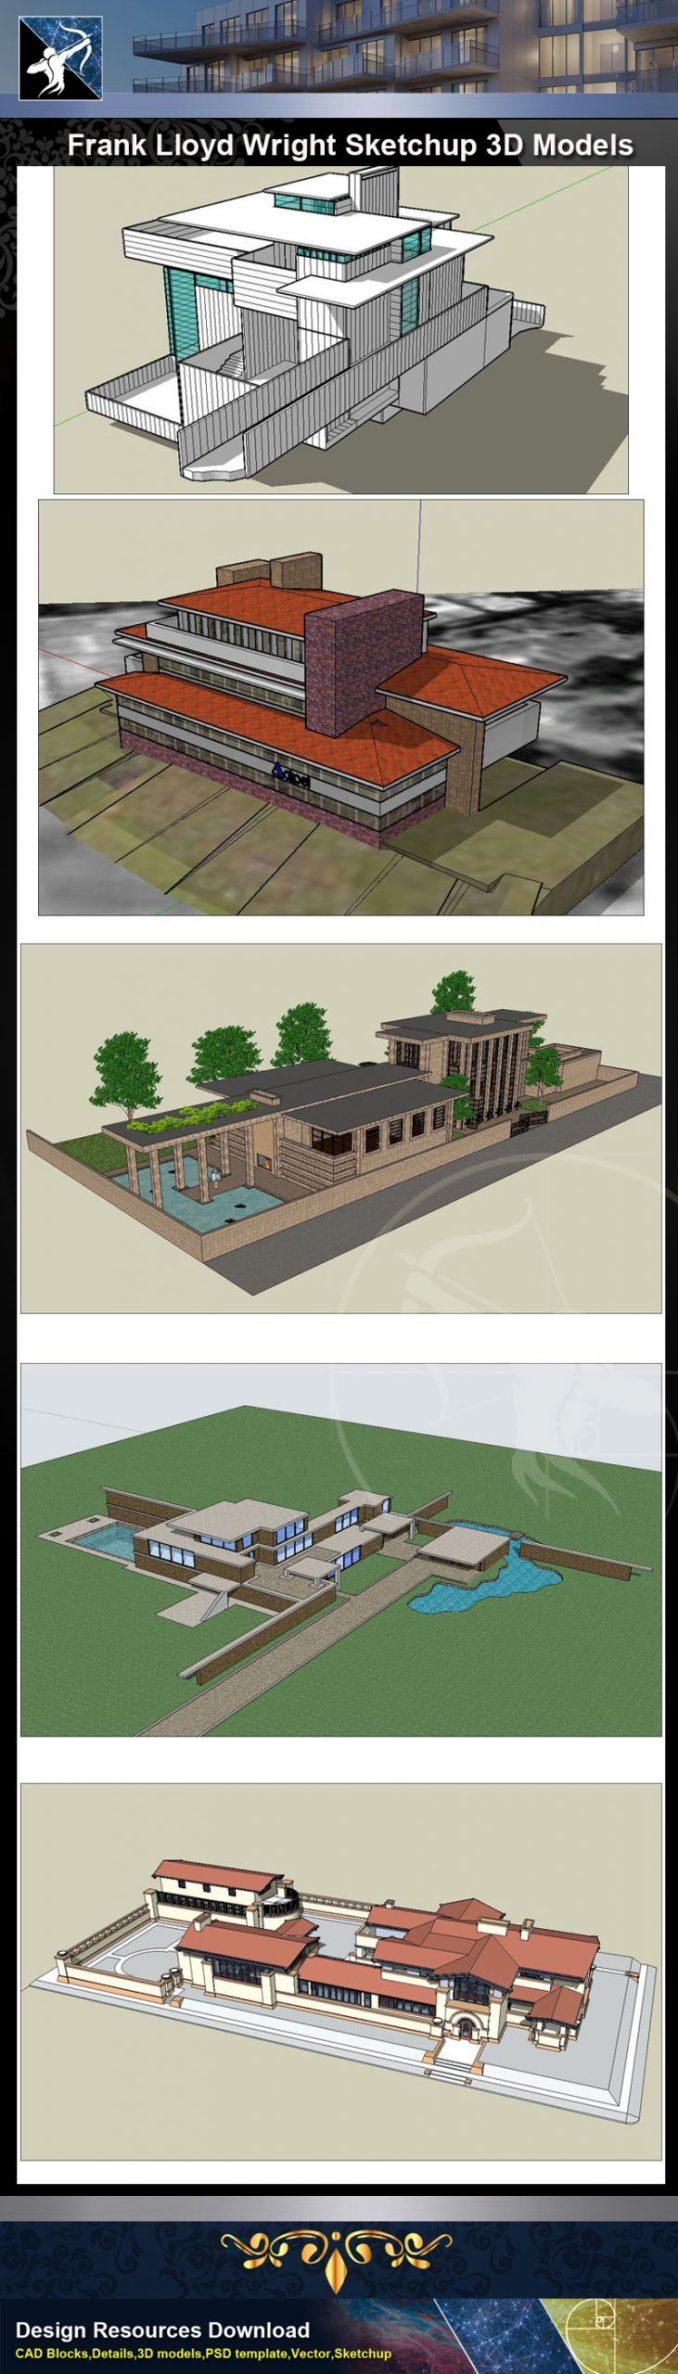 【建築大師Sketchup Models-法蘭克·洛伊·萊特Frank Lloyd Wright精選16項建築3D模型】